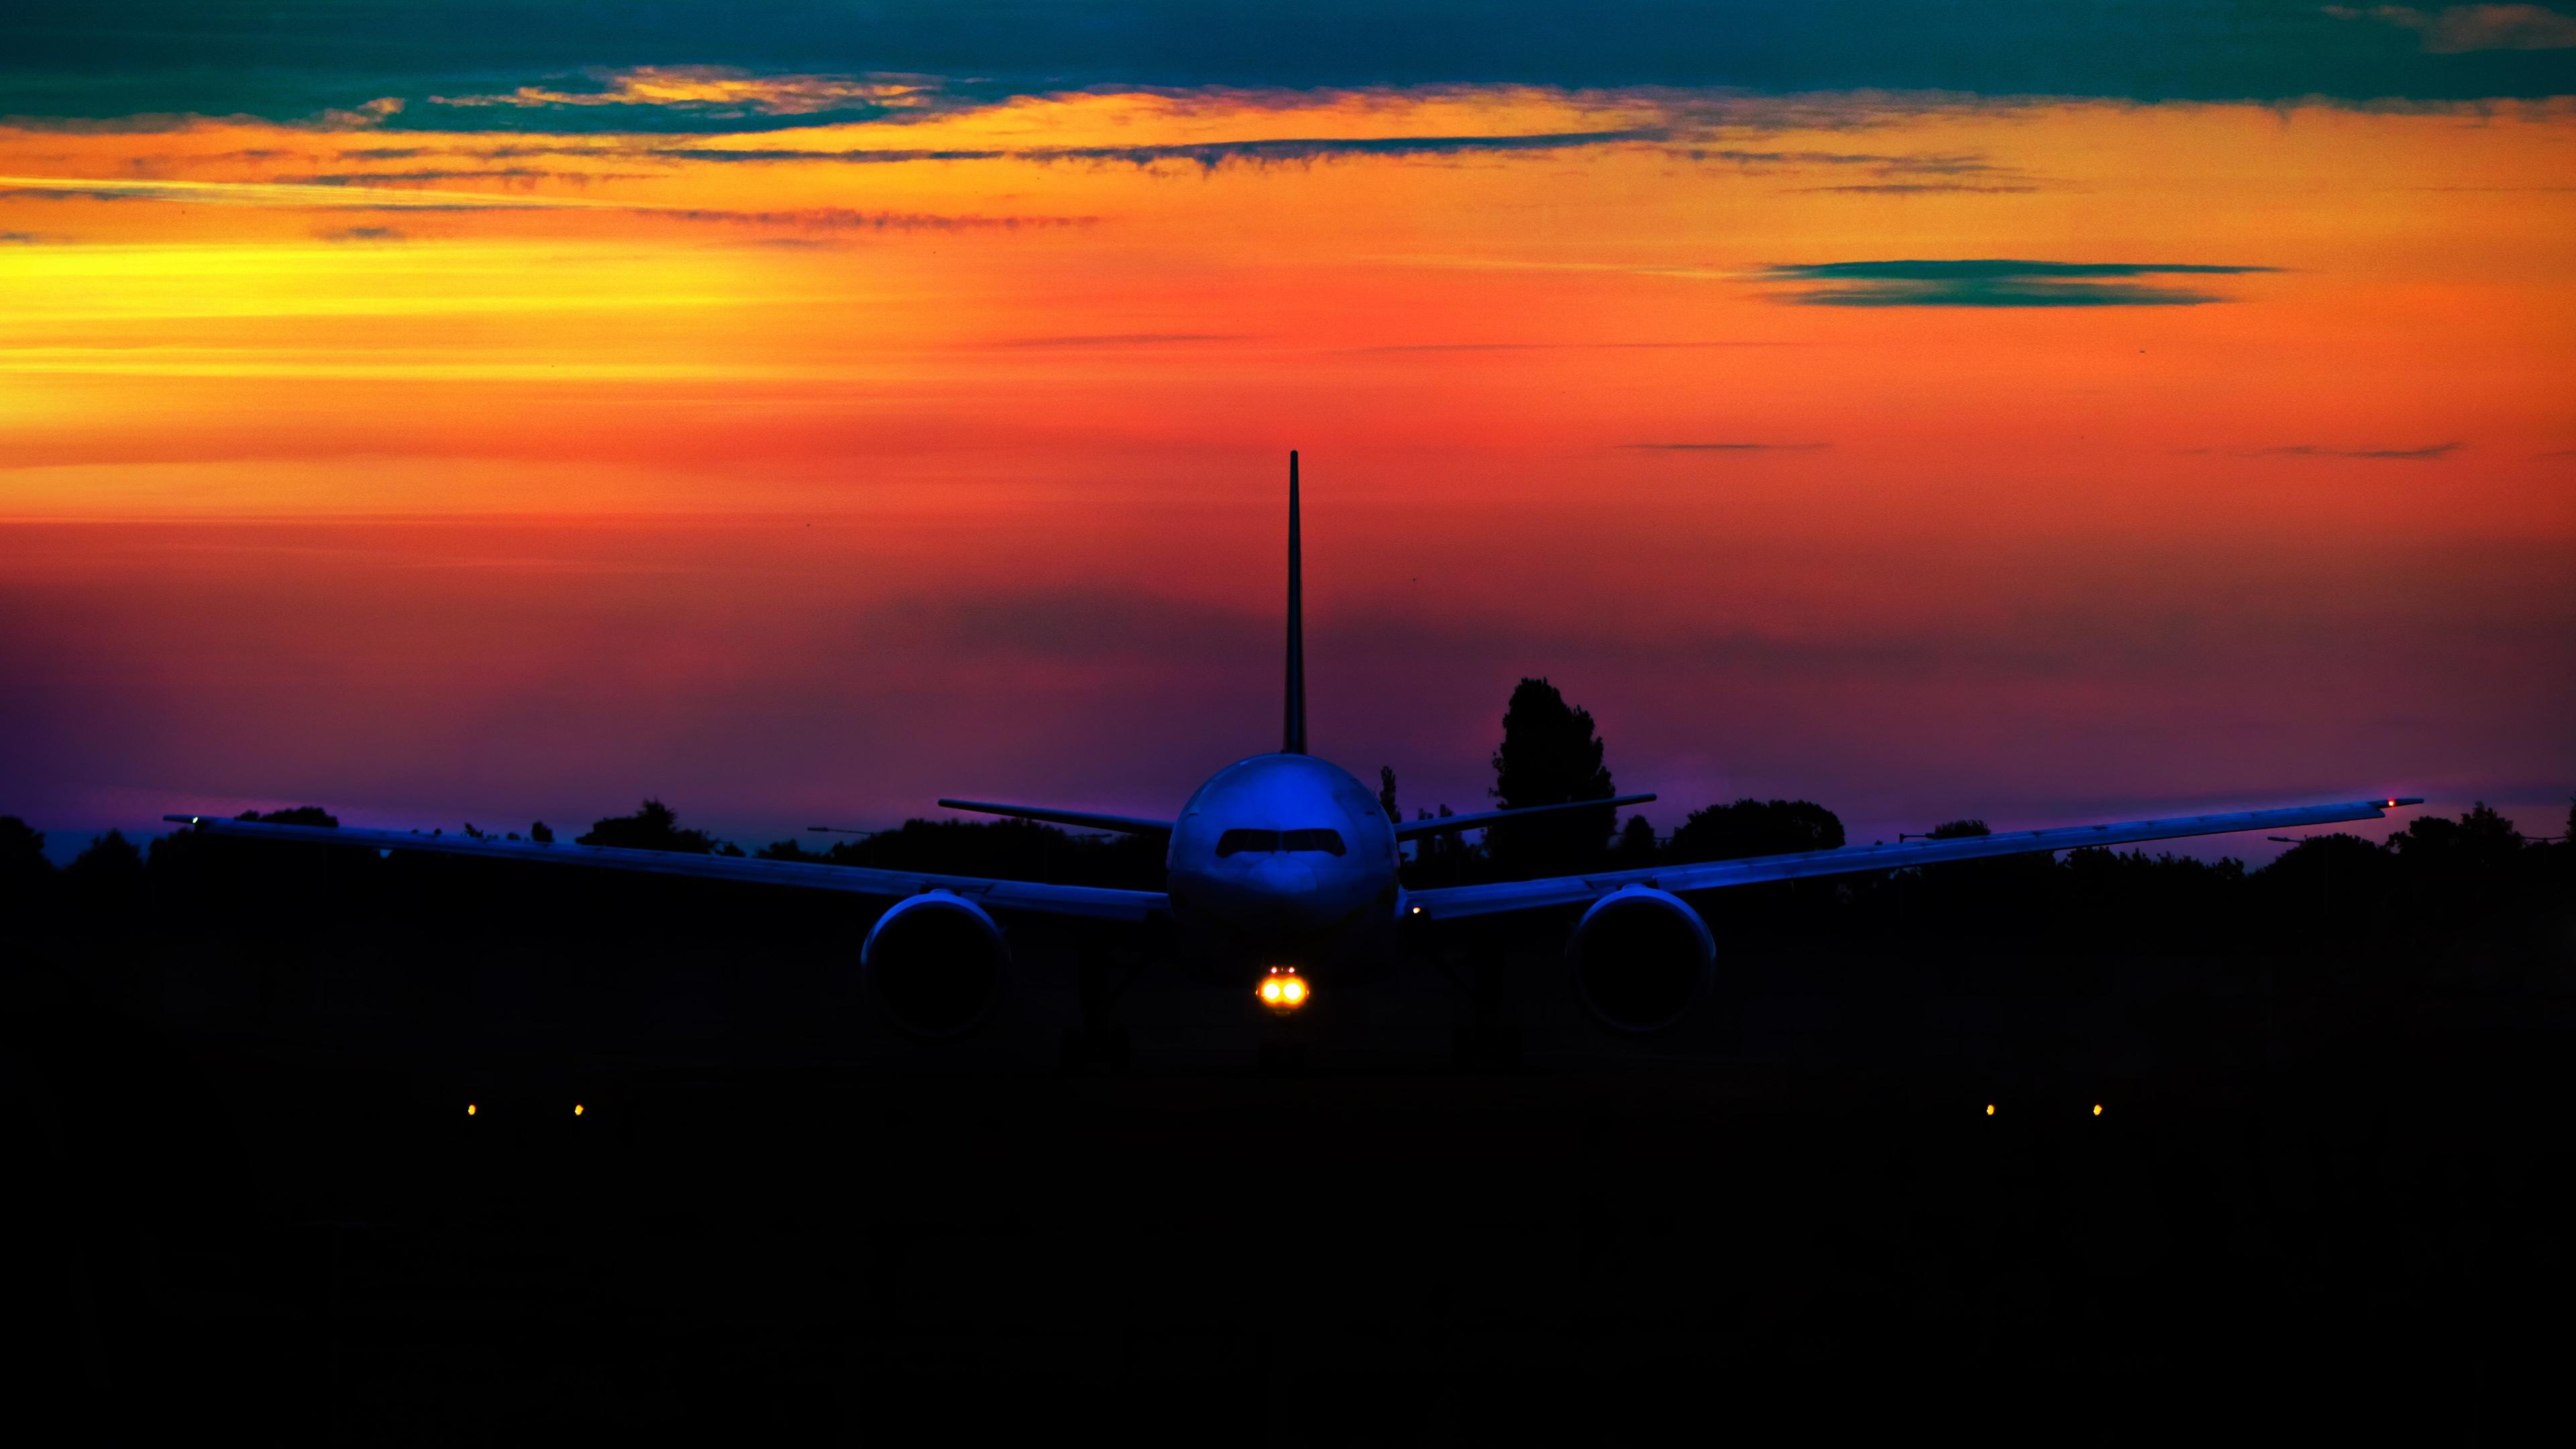 Fonds D'écran Avion Au Coucher Du Soleil, Vue De Face